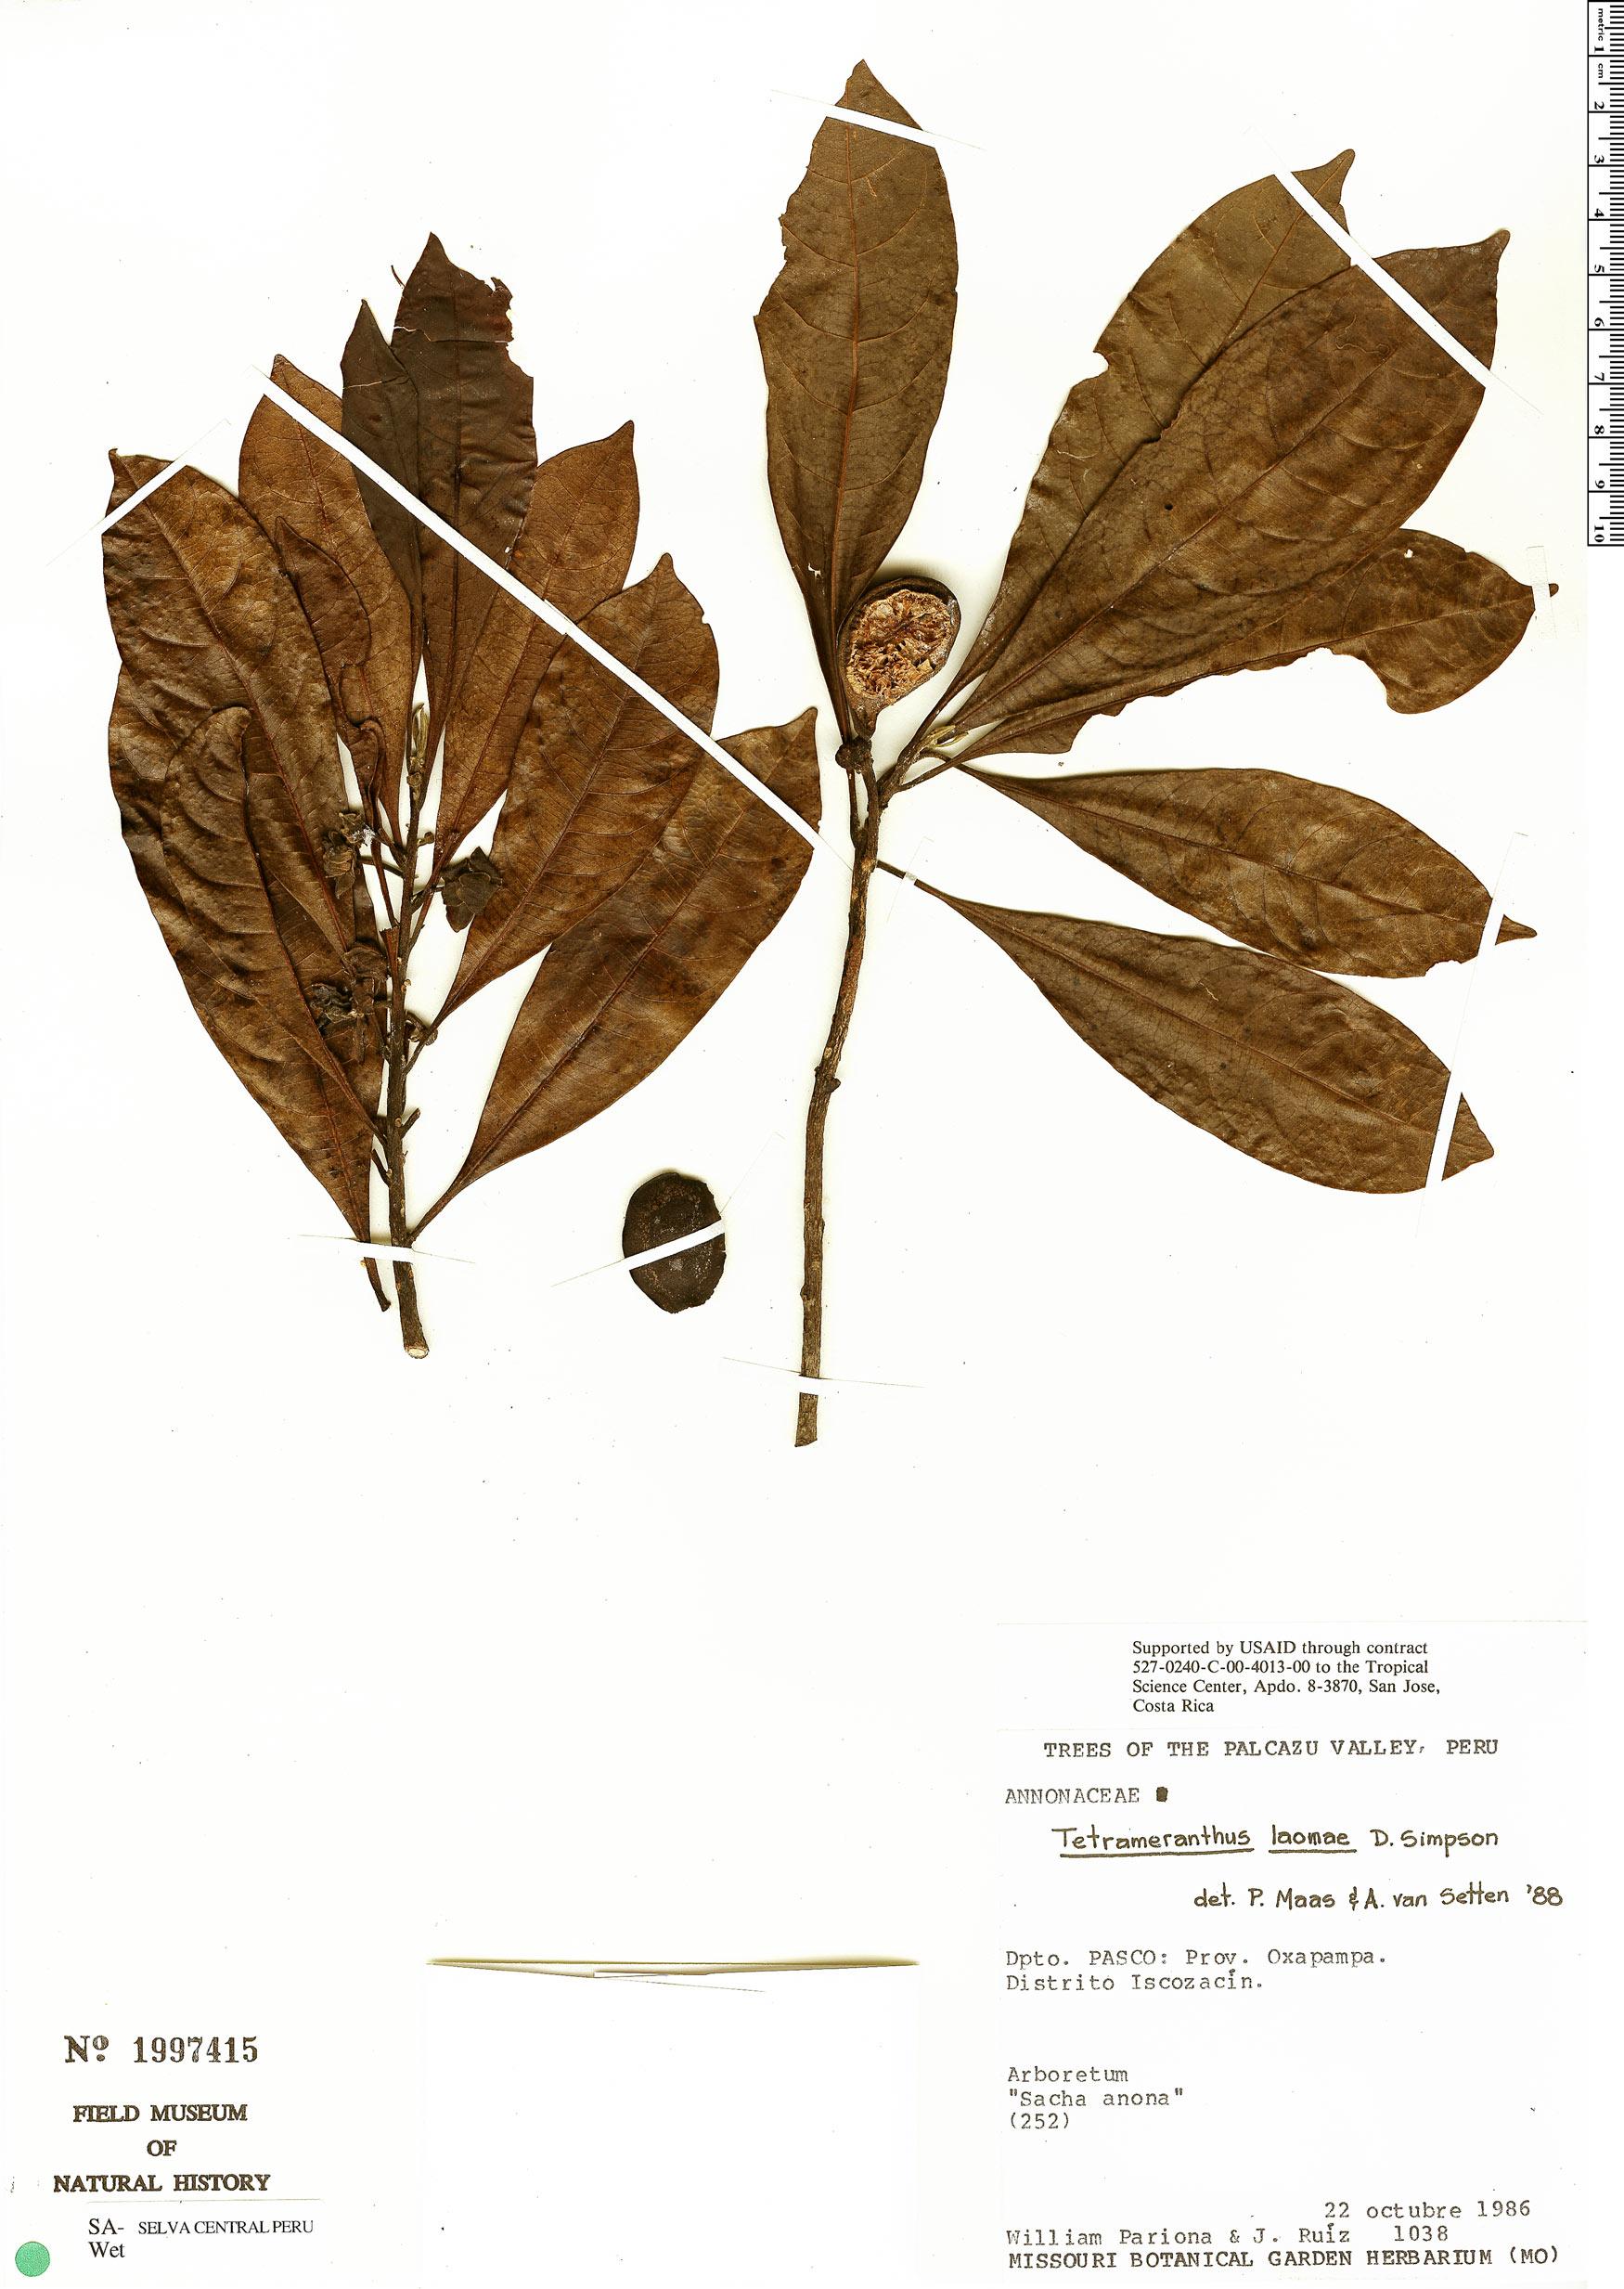 Specimen: Tetrameranthus laomae